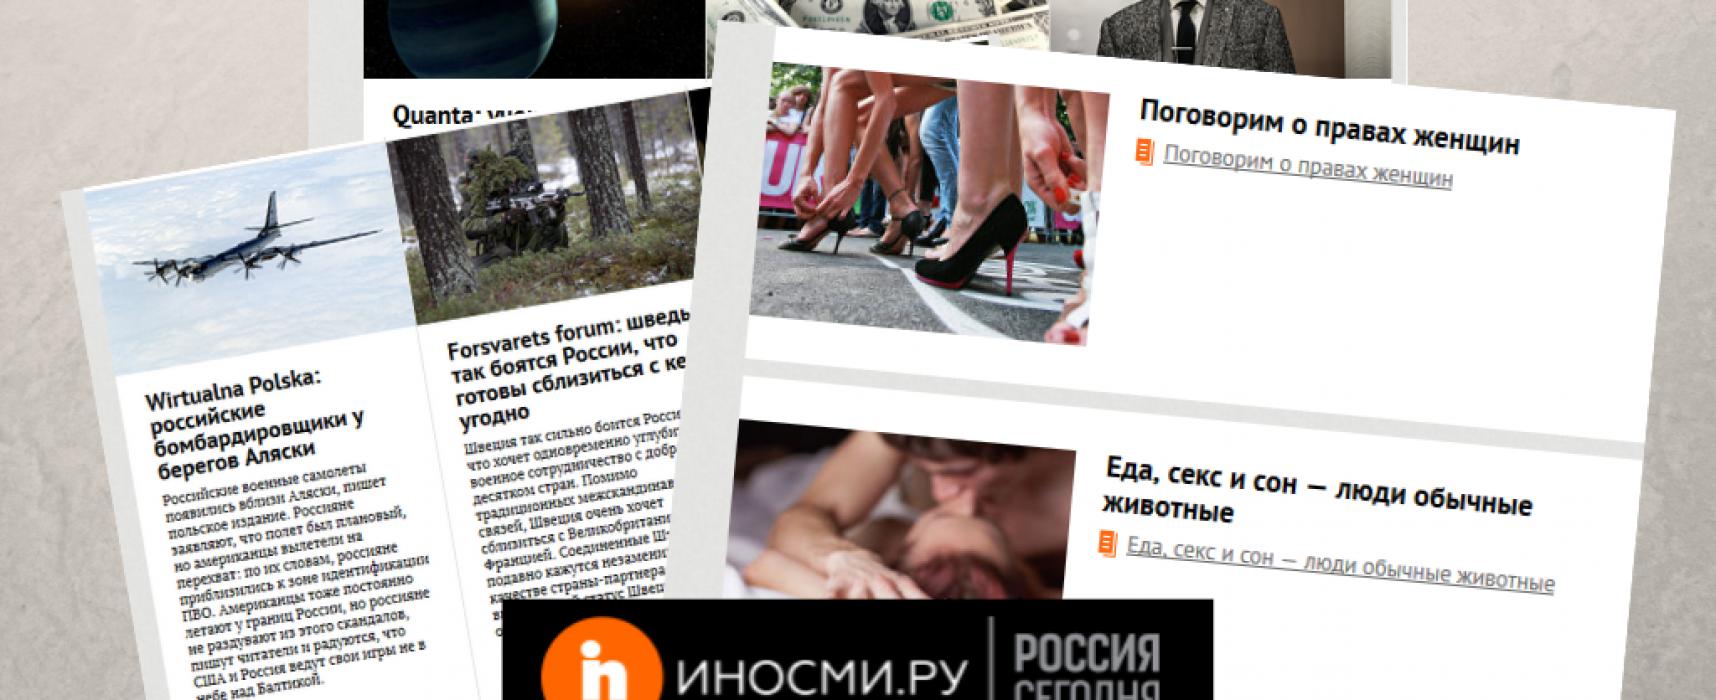 Inosmi: el Kremlin roba noticias para moldear a las vistas